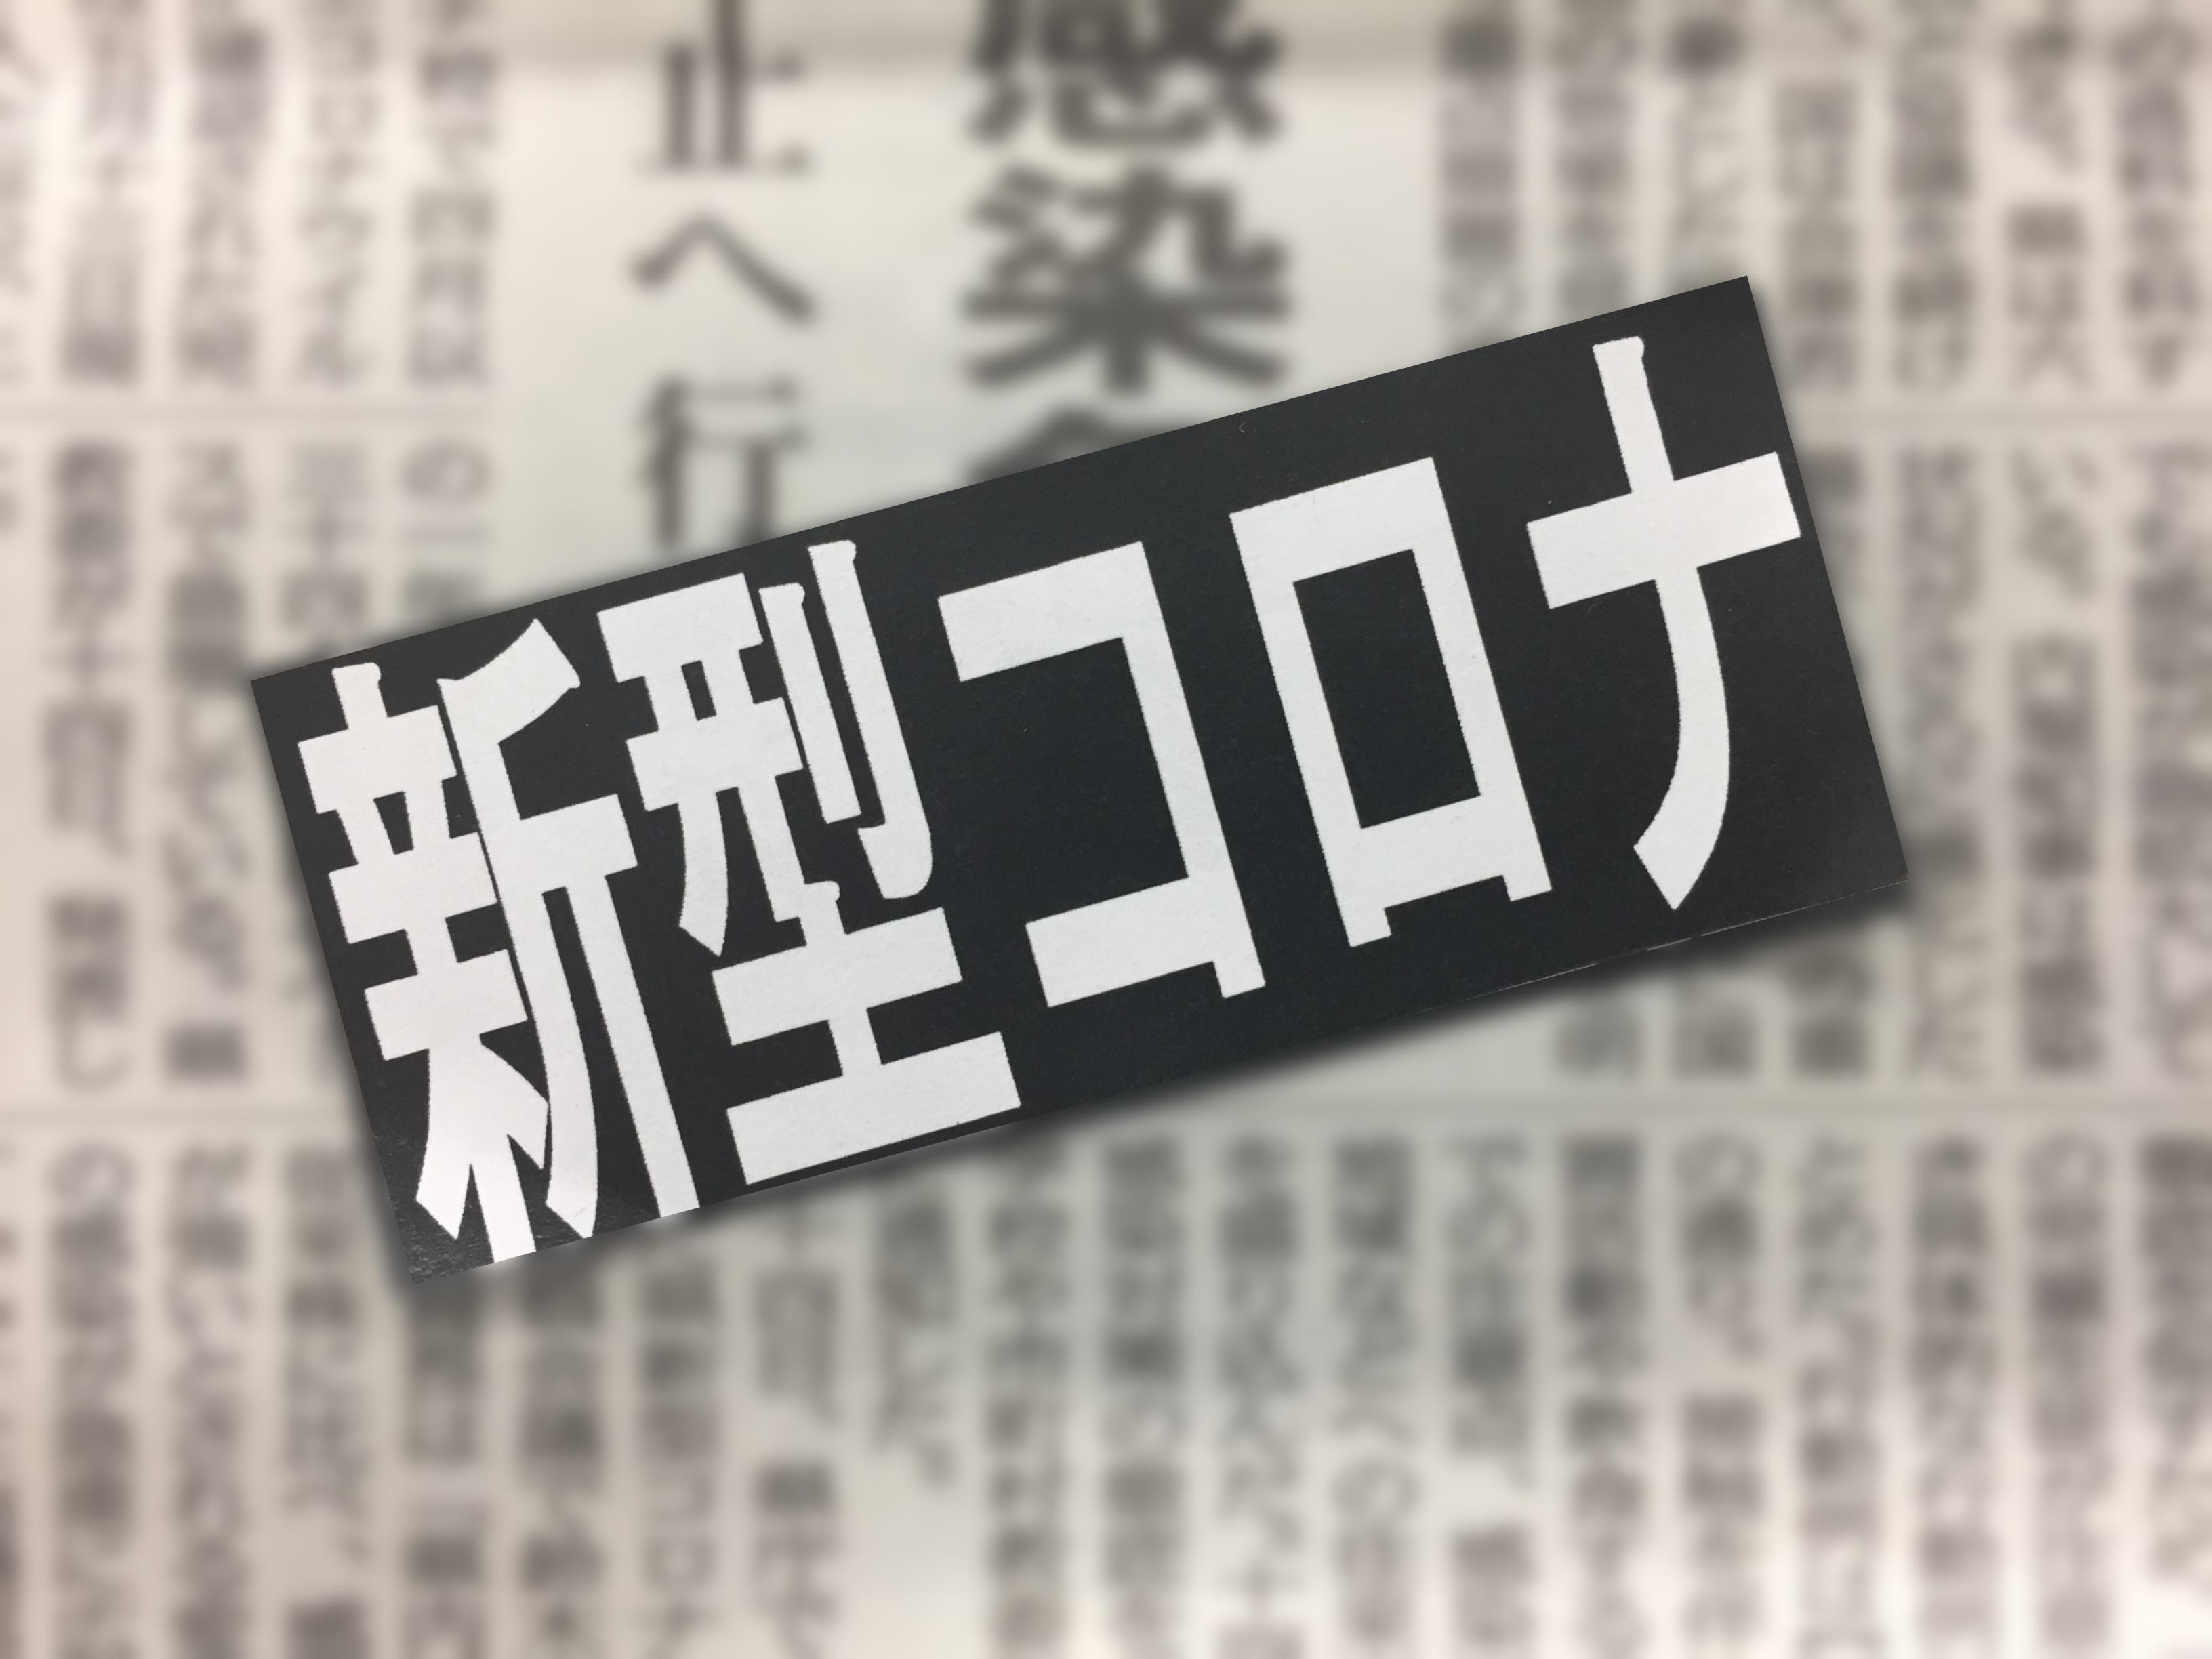 県 ニュース 速報 福島 東北の倒産情報 破産・民事再生などの倒産速報ニュース